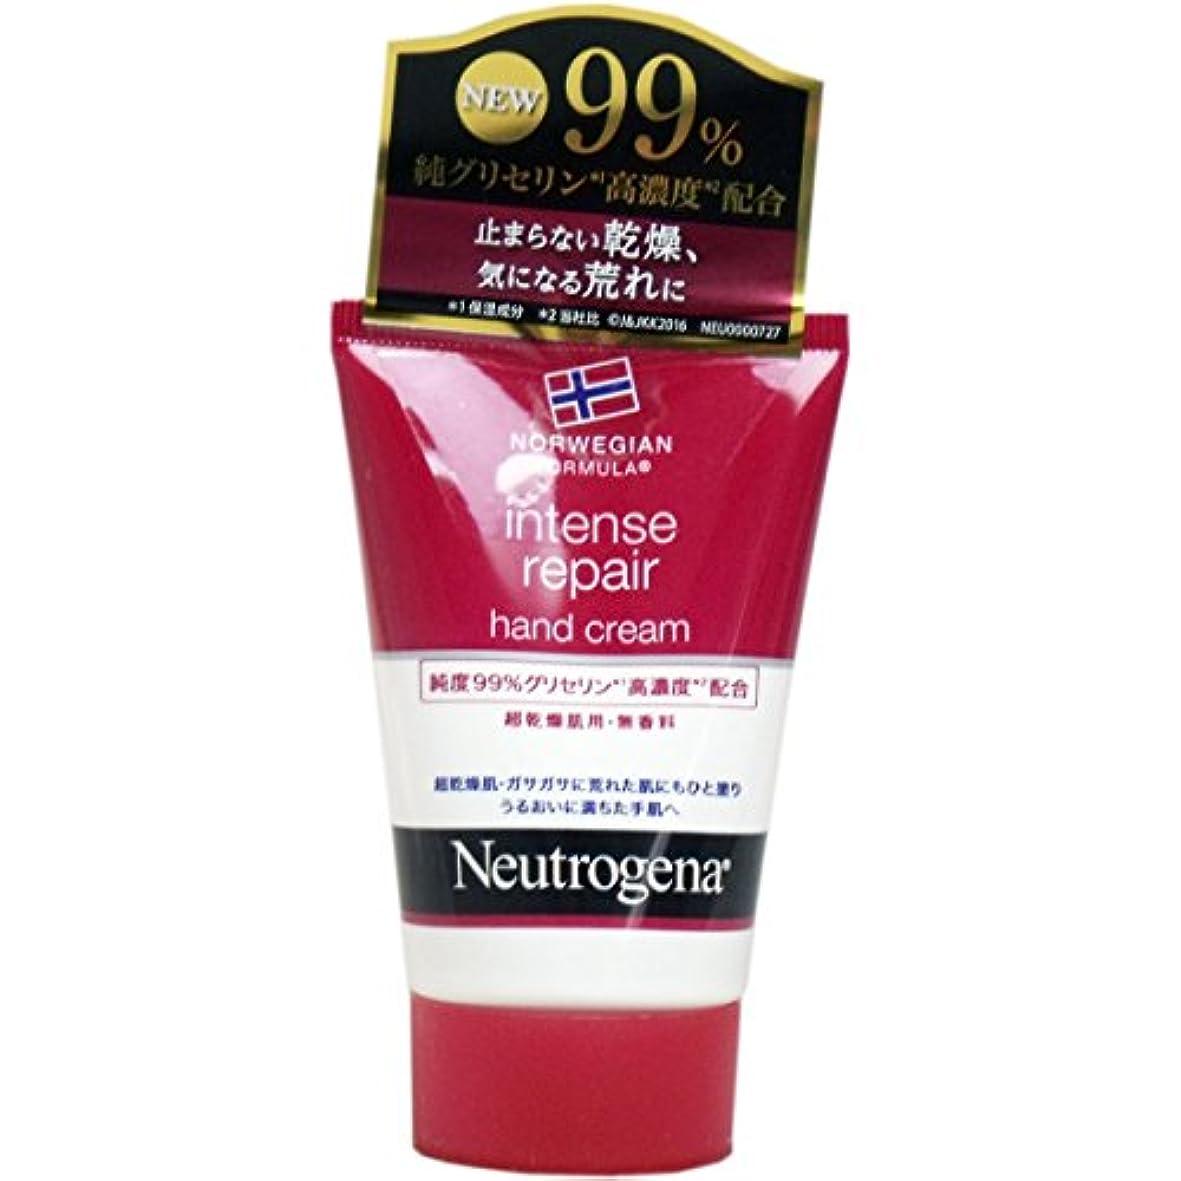 多分やがて原子【セット品】Neutrogena(ニュートロジーナ) ノルウェーフォーミュラ インテンスリペア ハンドクリーム 超乾燥肌用 無香料 50g×6個